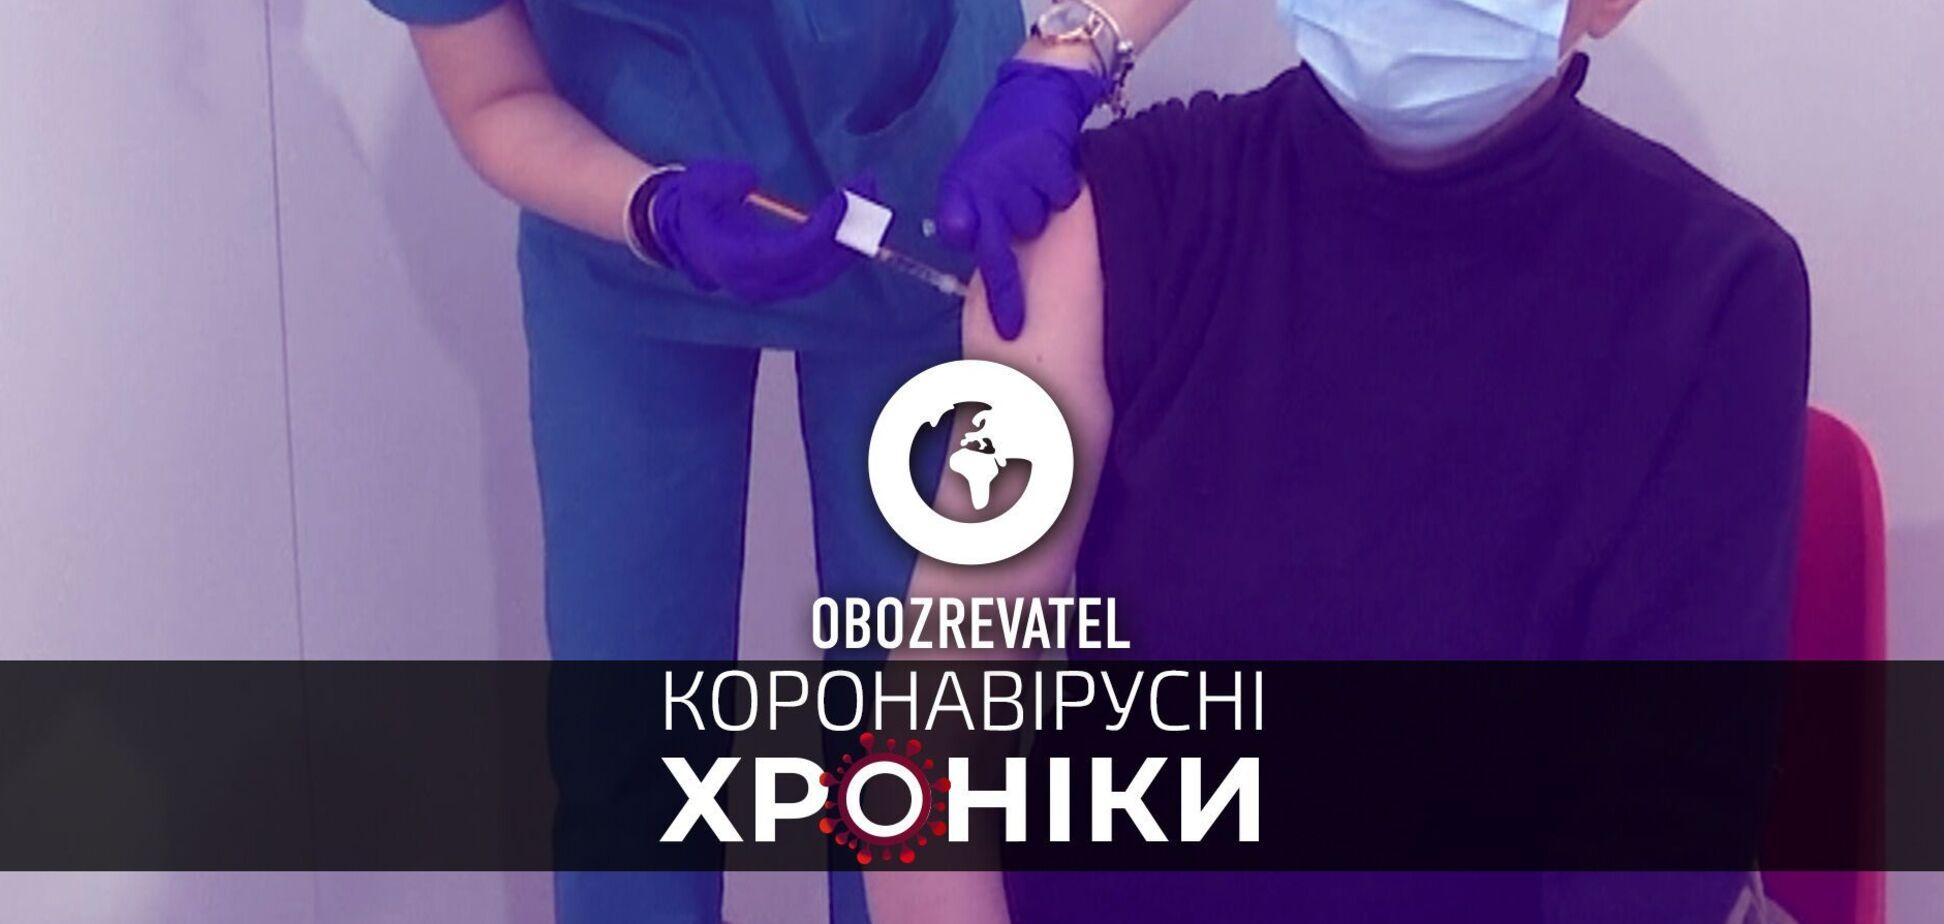 Жителька Італії отримала 6 доз вакцини проти COVID, а в Америці схвалили використання Pfizer/BioNTech для підлітків – коронавірусні хроніки